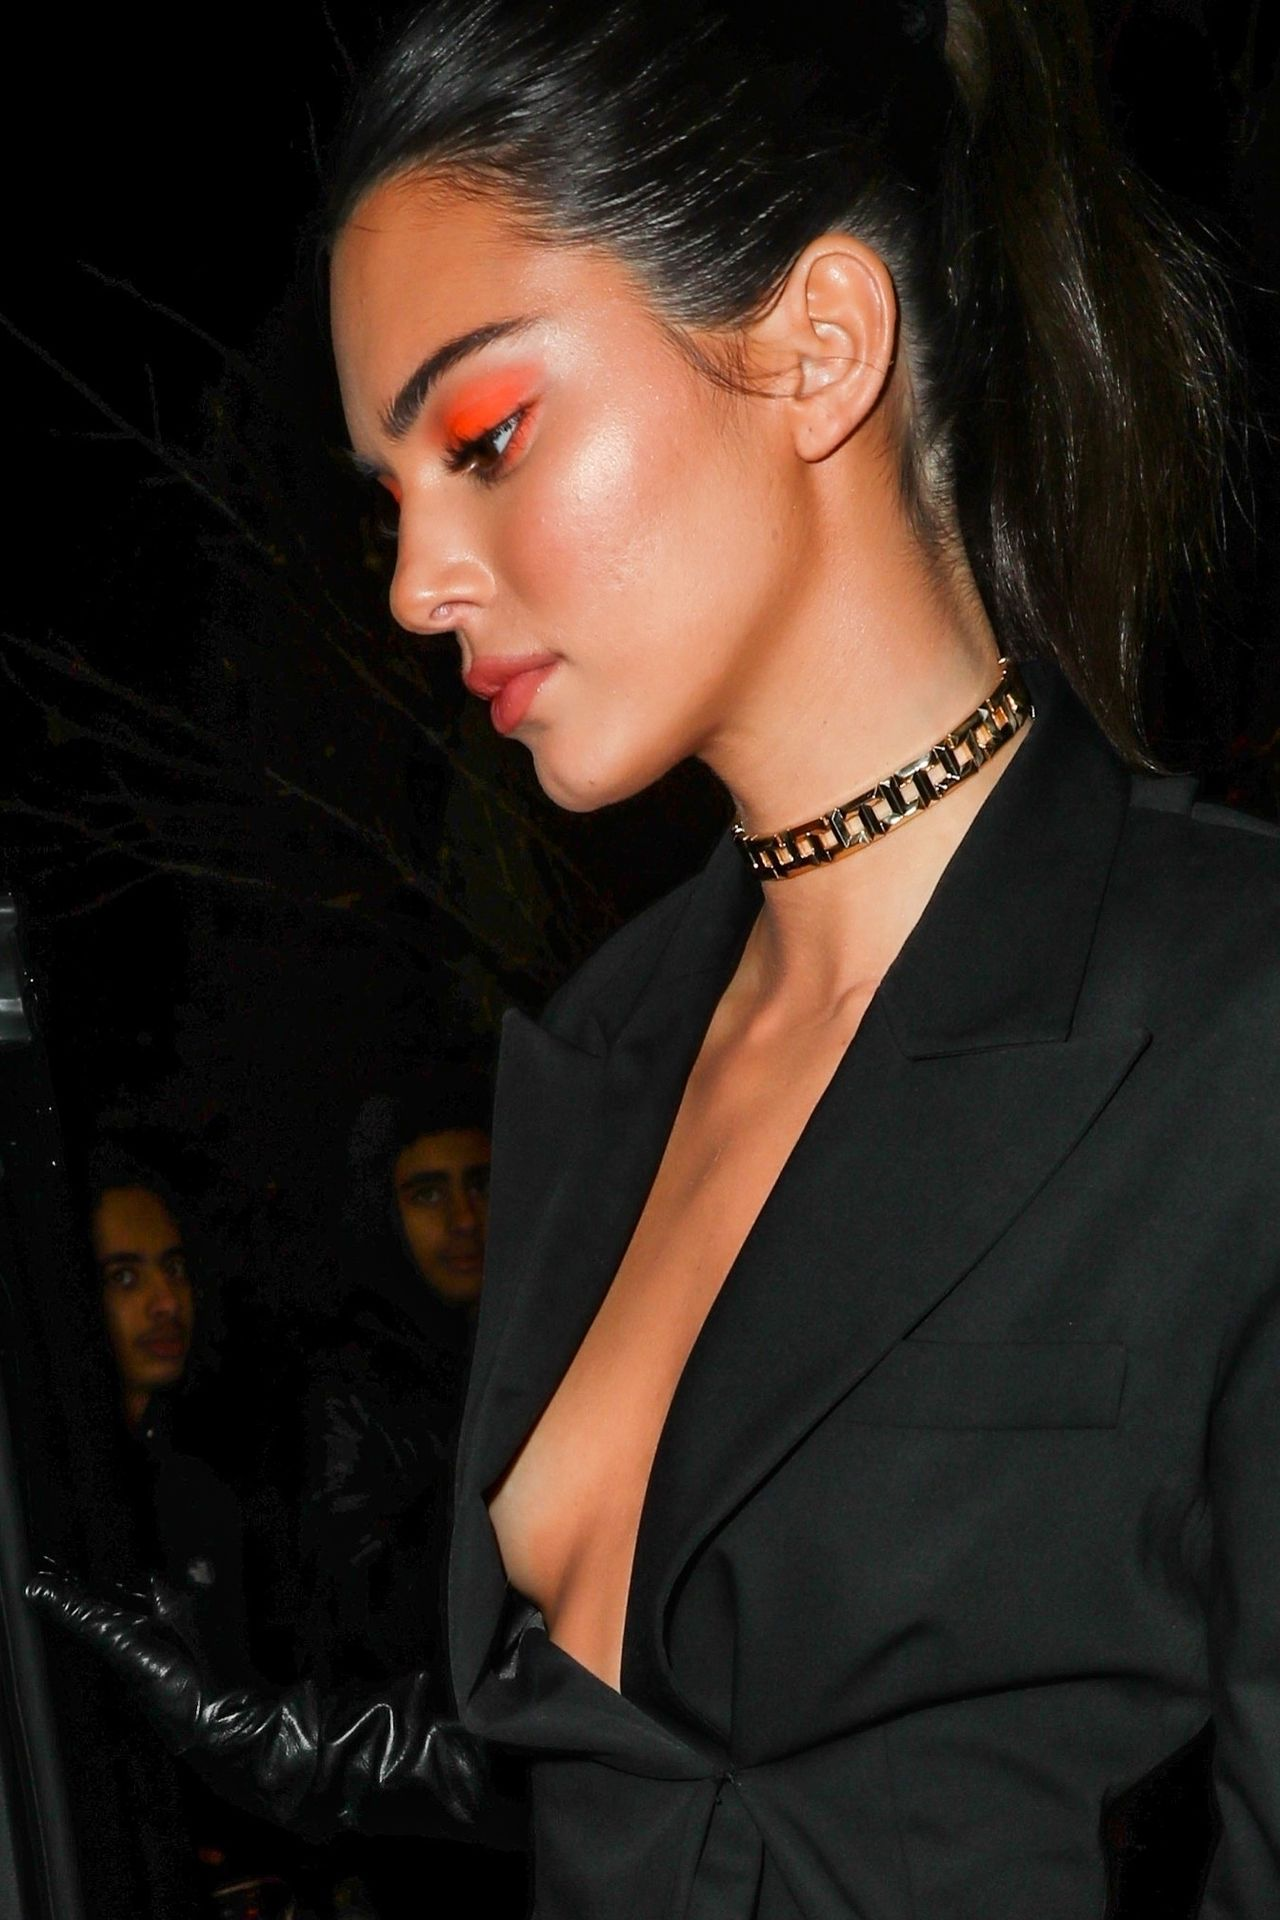 Kendall Jenner z pomarańczowymi powiekami, w czarnym kostiumie